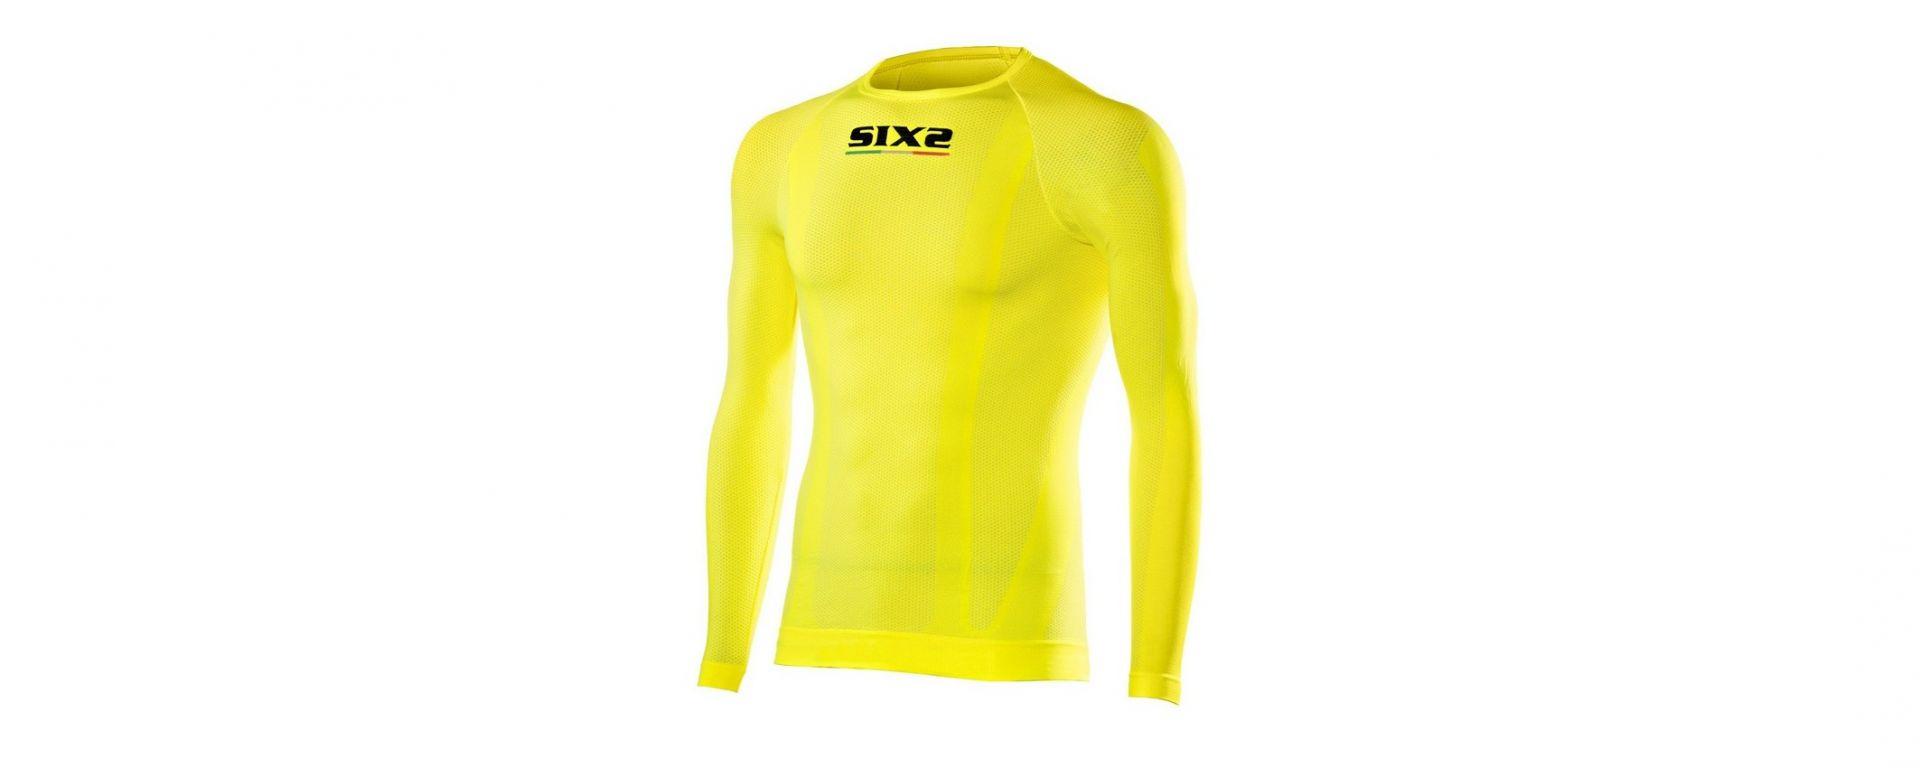 Sixs TS2 e TS2 C: nuovo colore Yellow Tour per le maglie